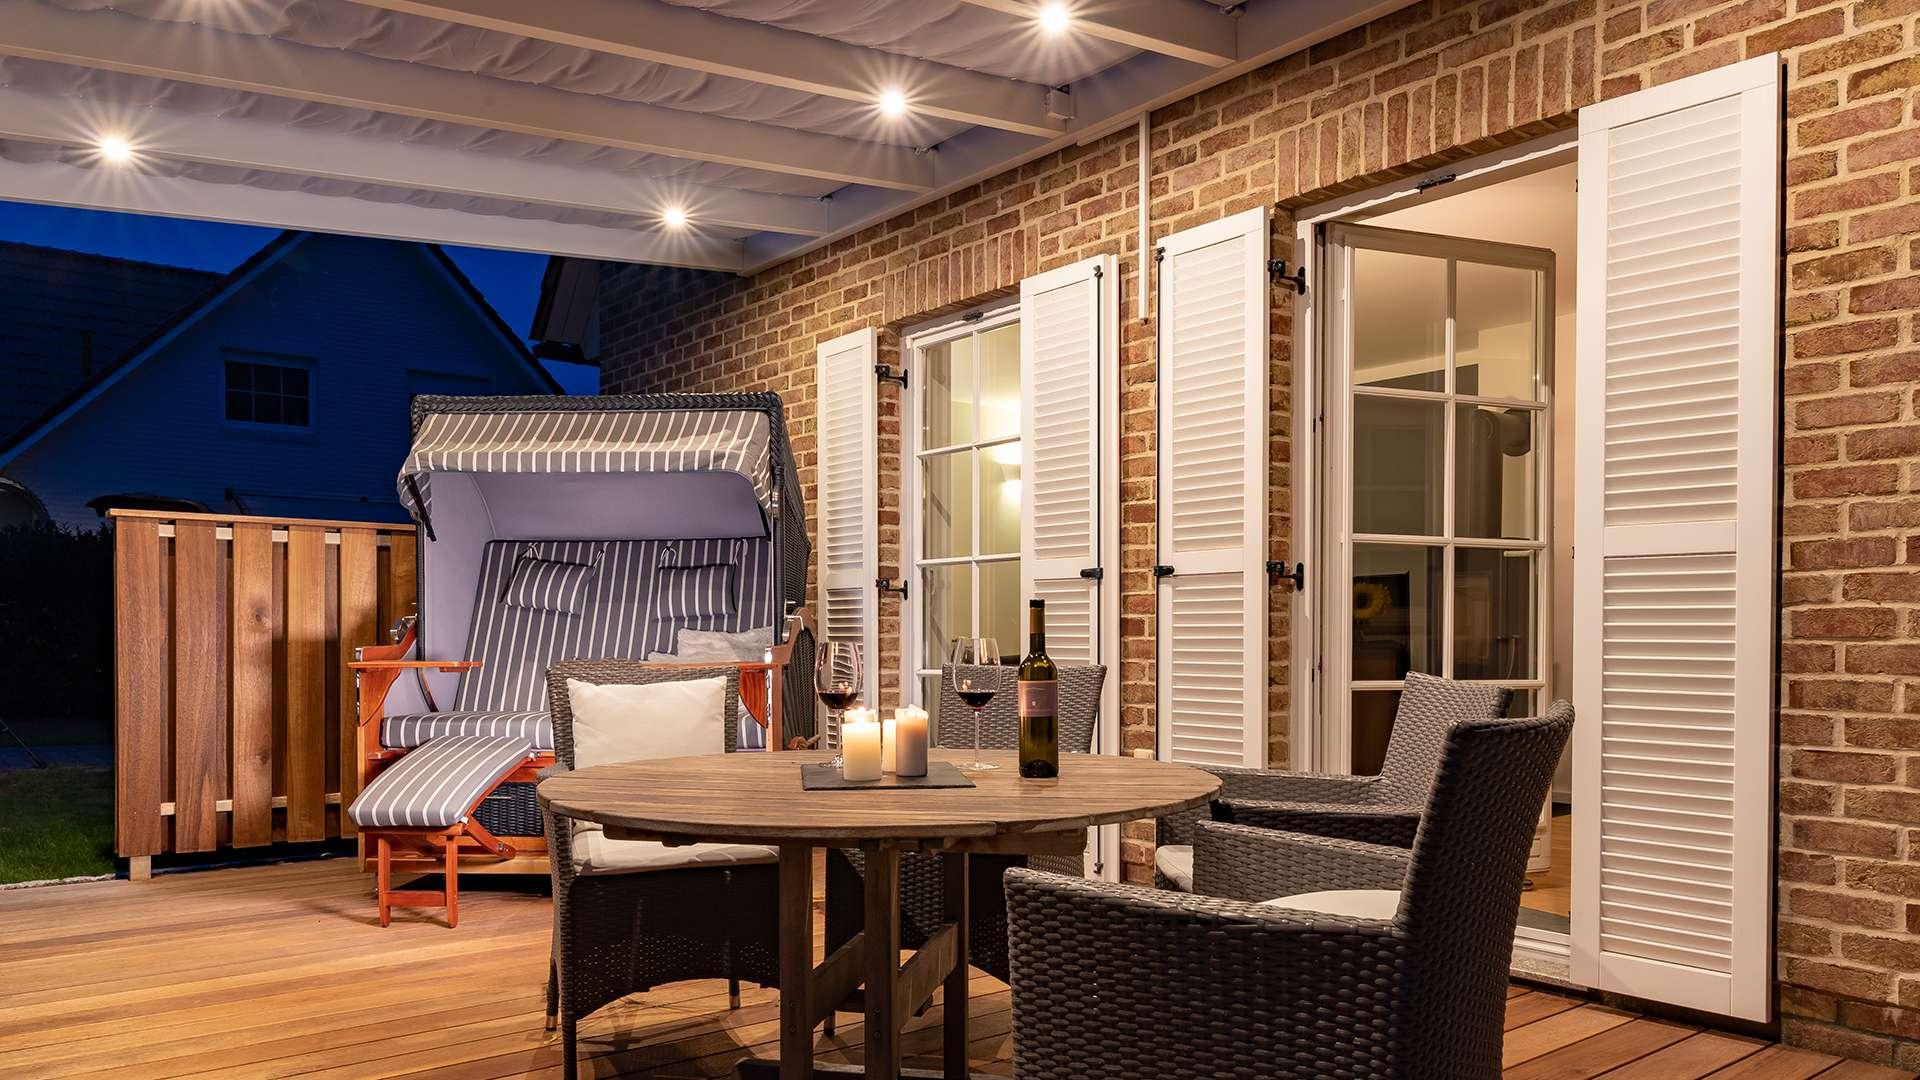 Blick unter ein beleuchtetes Terrassendach mit Esstisch und Strandkorb